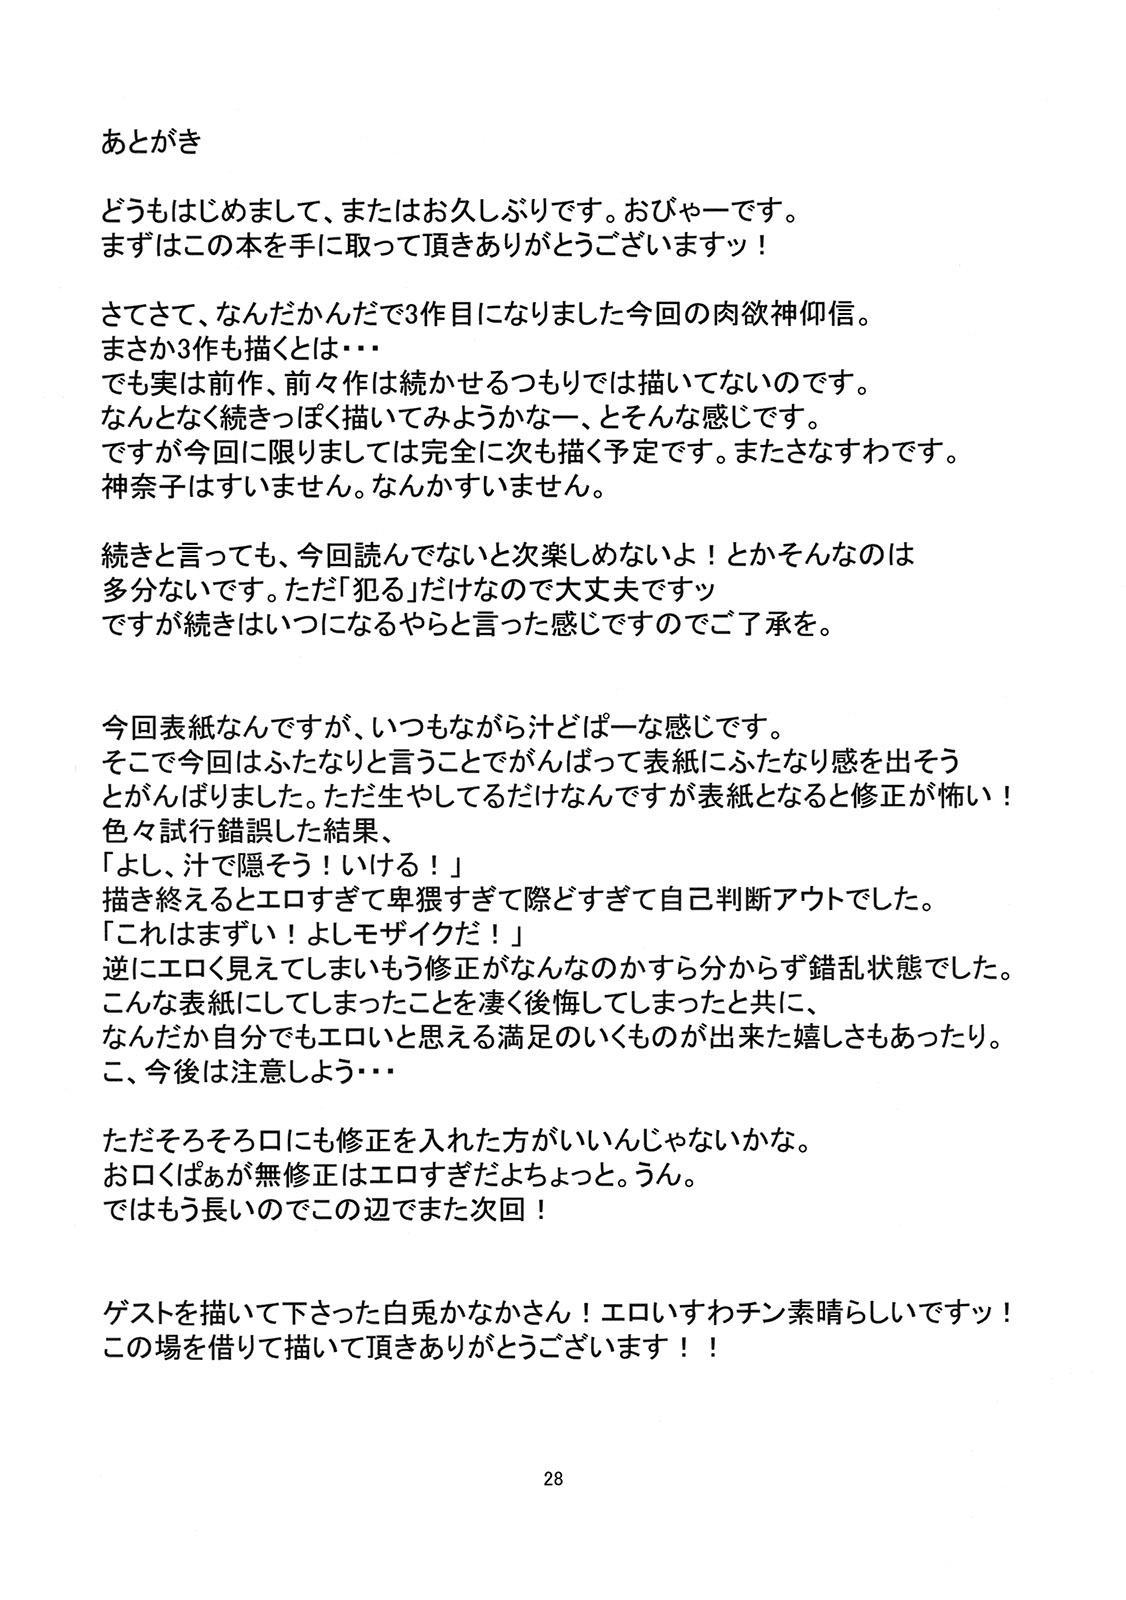 (Reitaisai 8) [Happiness Milk (Obyaa)] Nikuyokugami Gyoushin - New carnal story - Zen (Touhou Project) 26